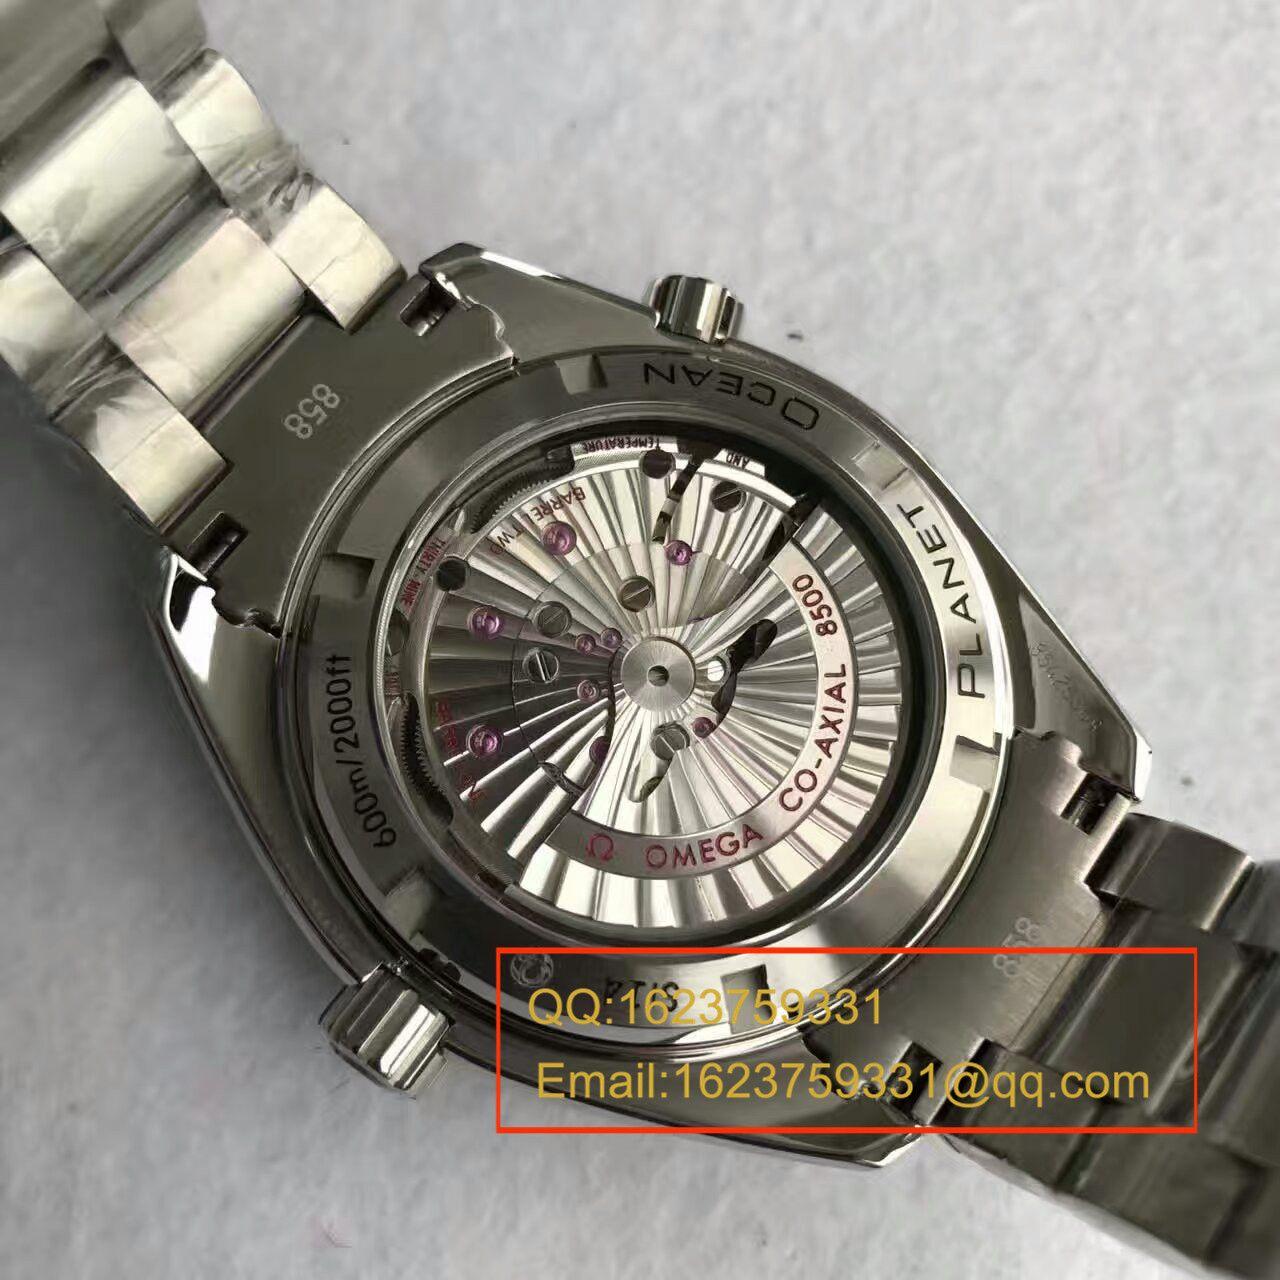 【KW厂顶级复刻】欧米茄海马系列231.12.42.21.01.002 男士机械手表 《钢带款》 / M137